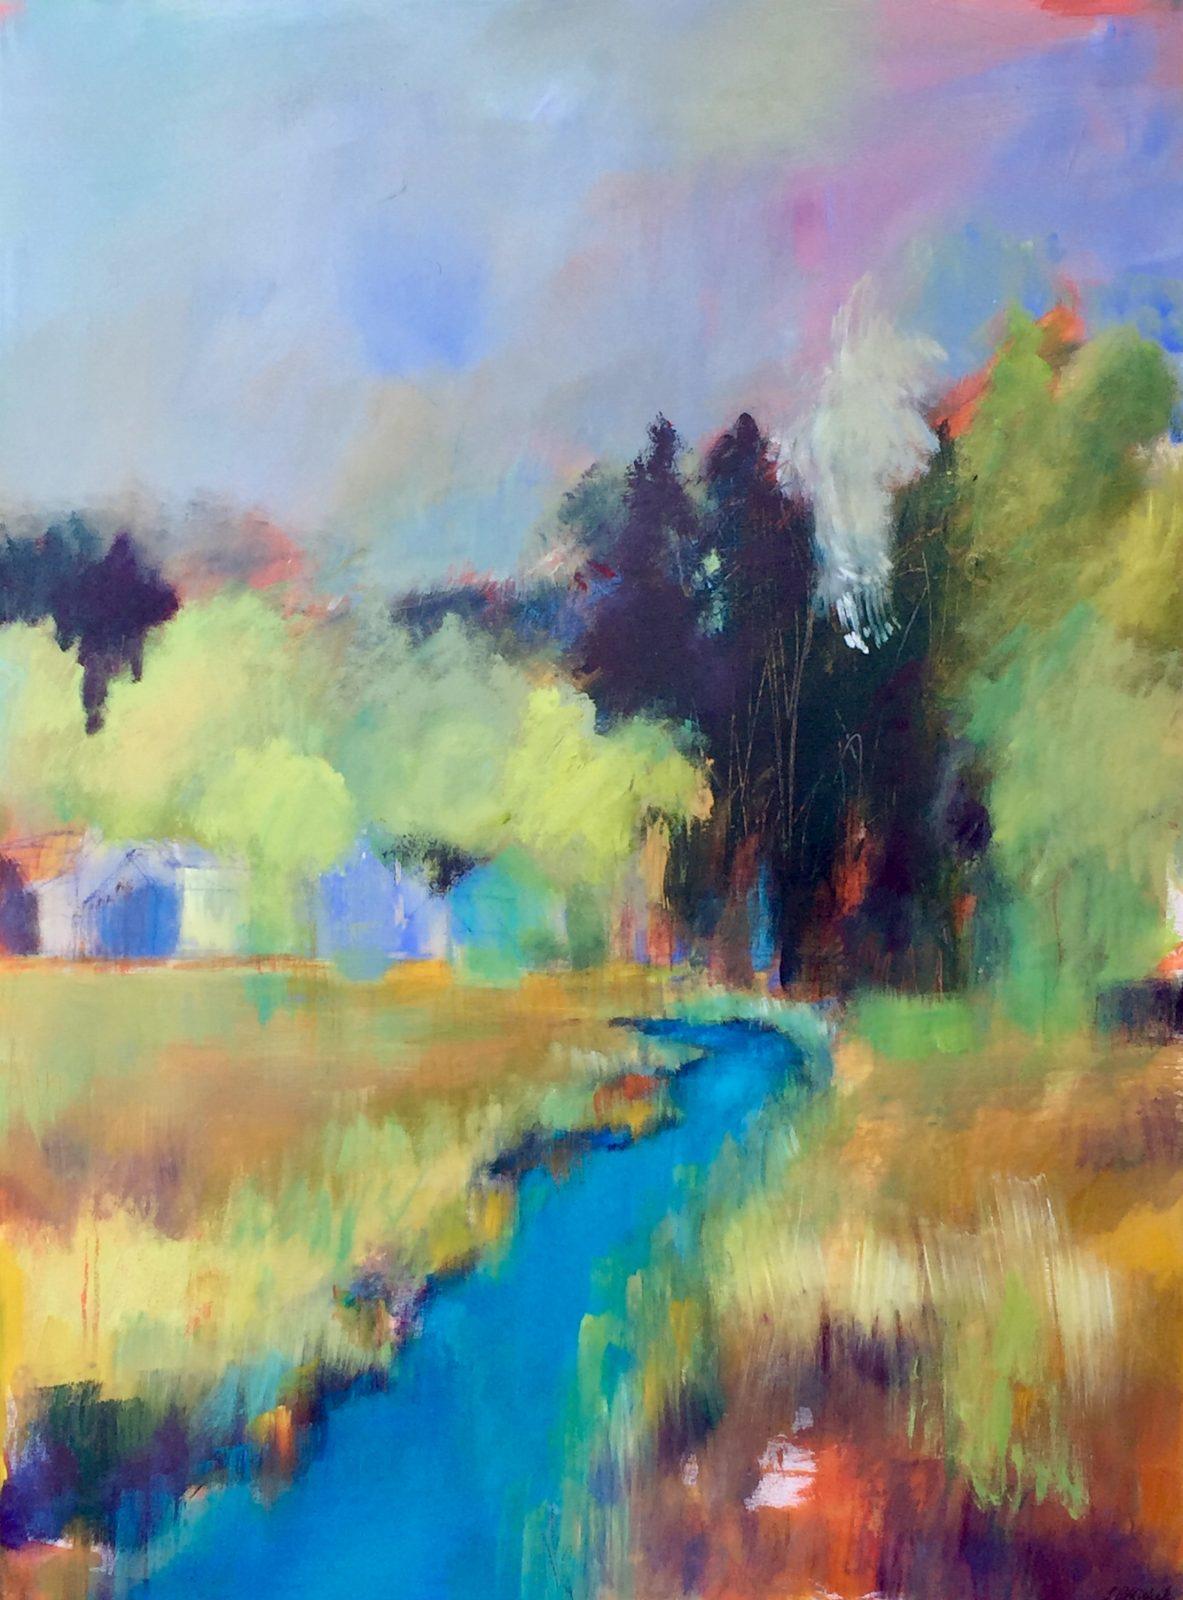 Les récentes productions de l'artiste-peintre Lucie Michel sous le thème La nature en lumière présentées à la Galerie Vincent-d'Indy